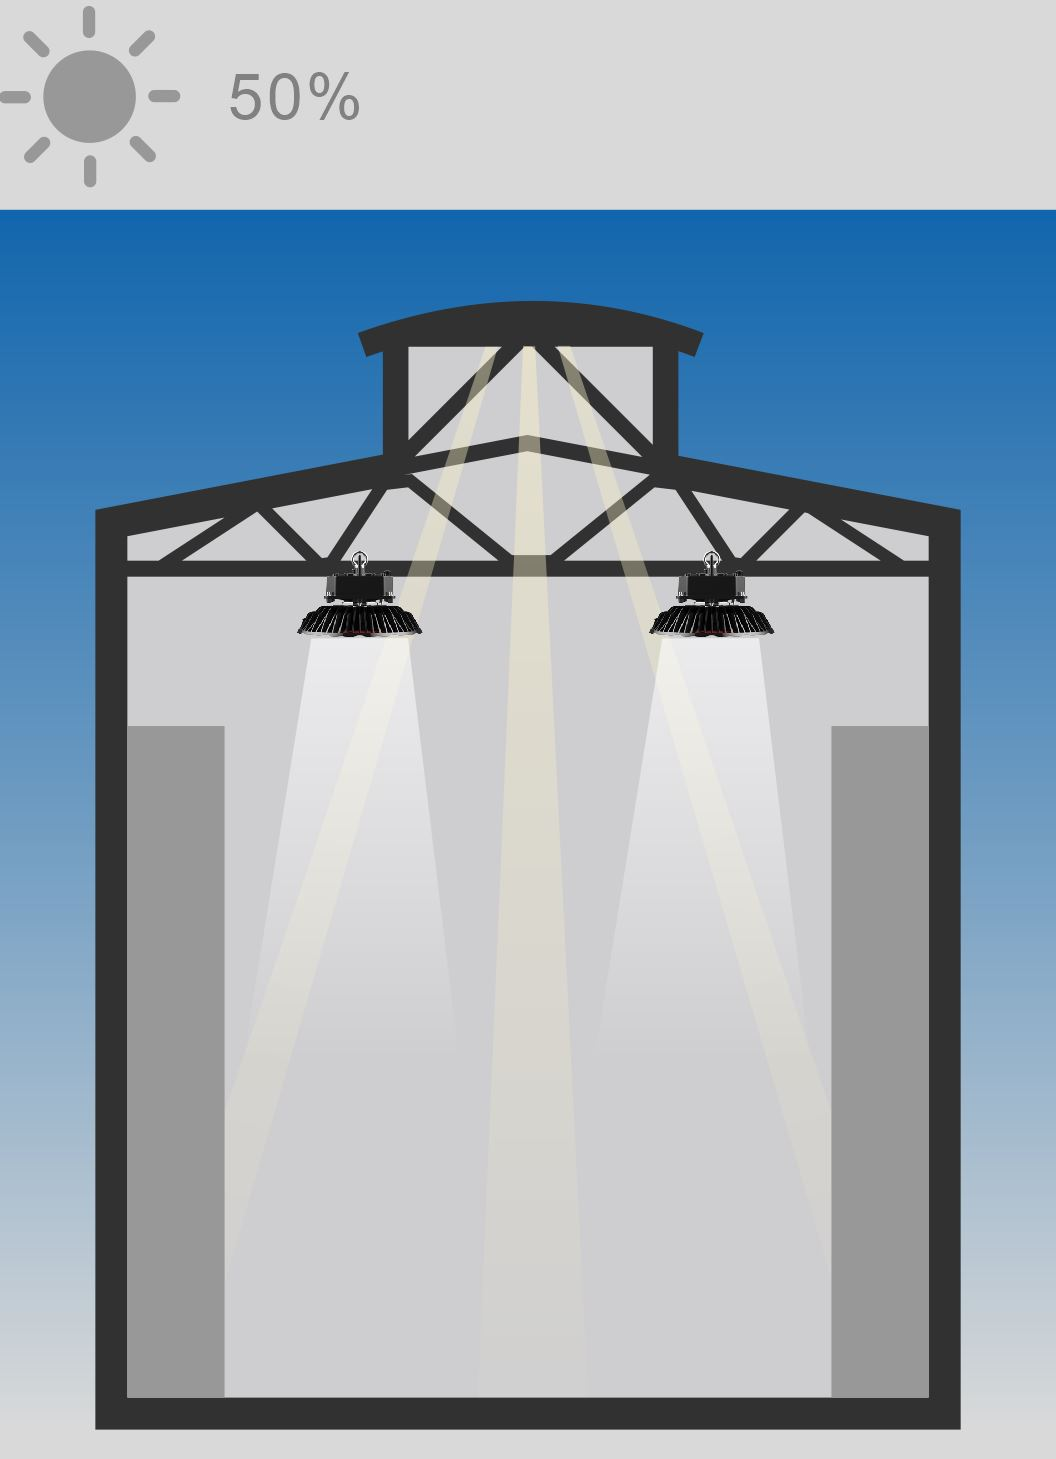 LED Hallenleuchte mit tageslichtabhängiger Steuerung und Präsenzmelder